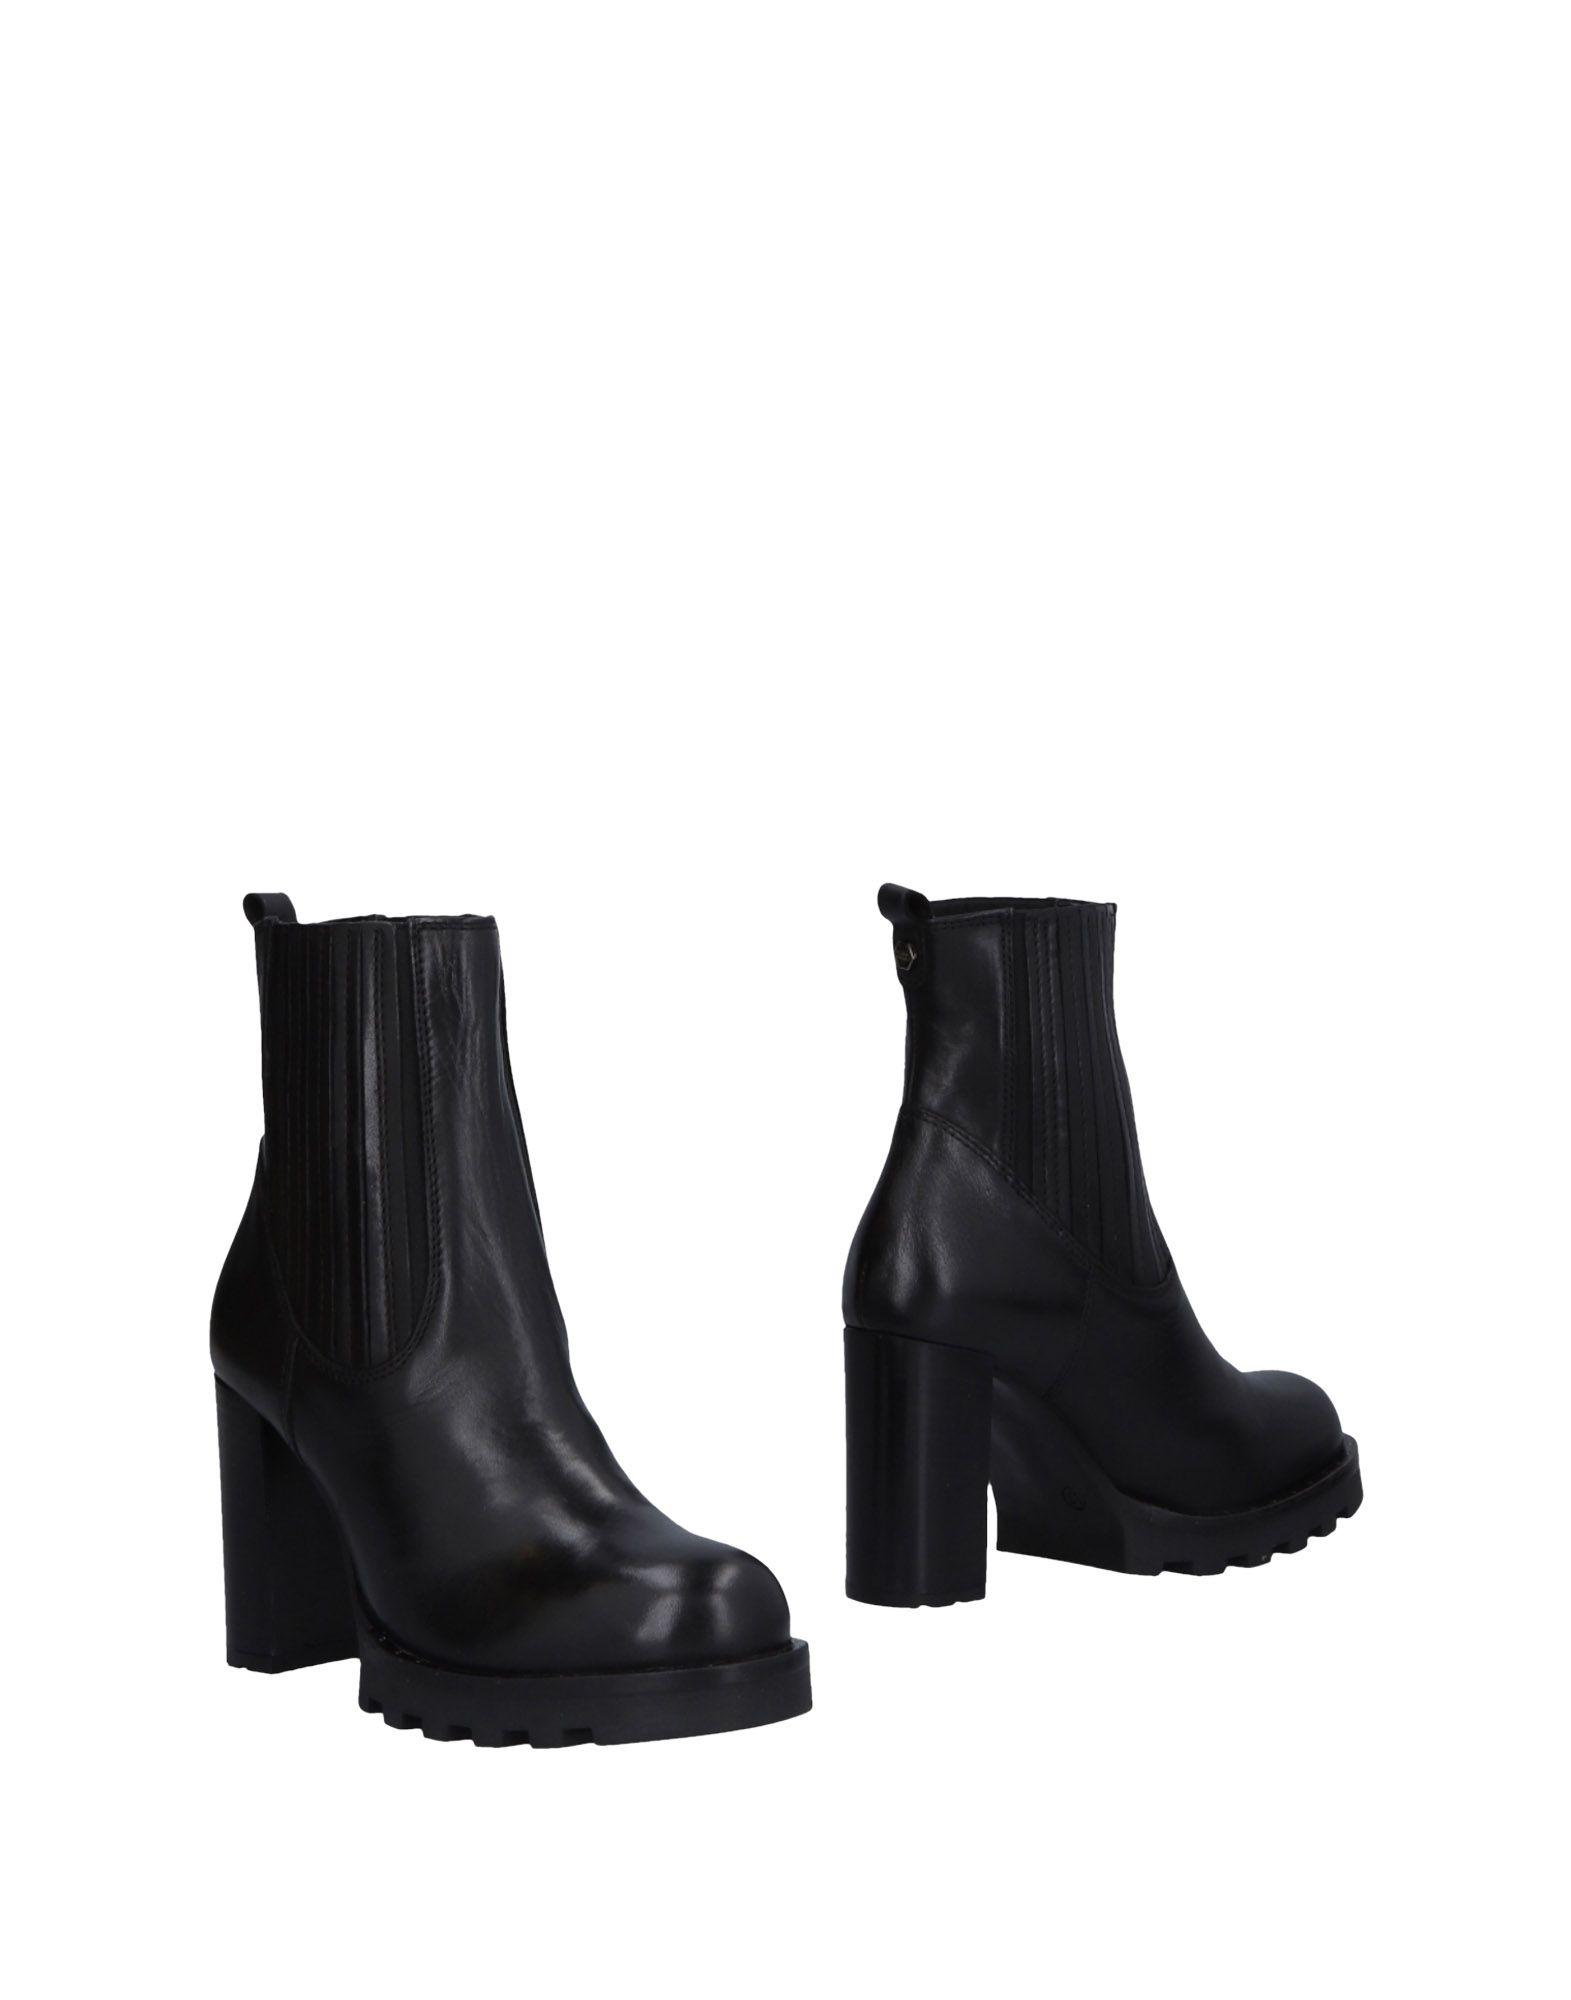 Bottine Cult Femme - Bottines Cult Noir Les chaussures les plus populaires pour les hommes et les femmes